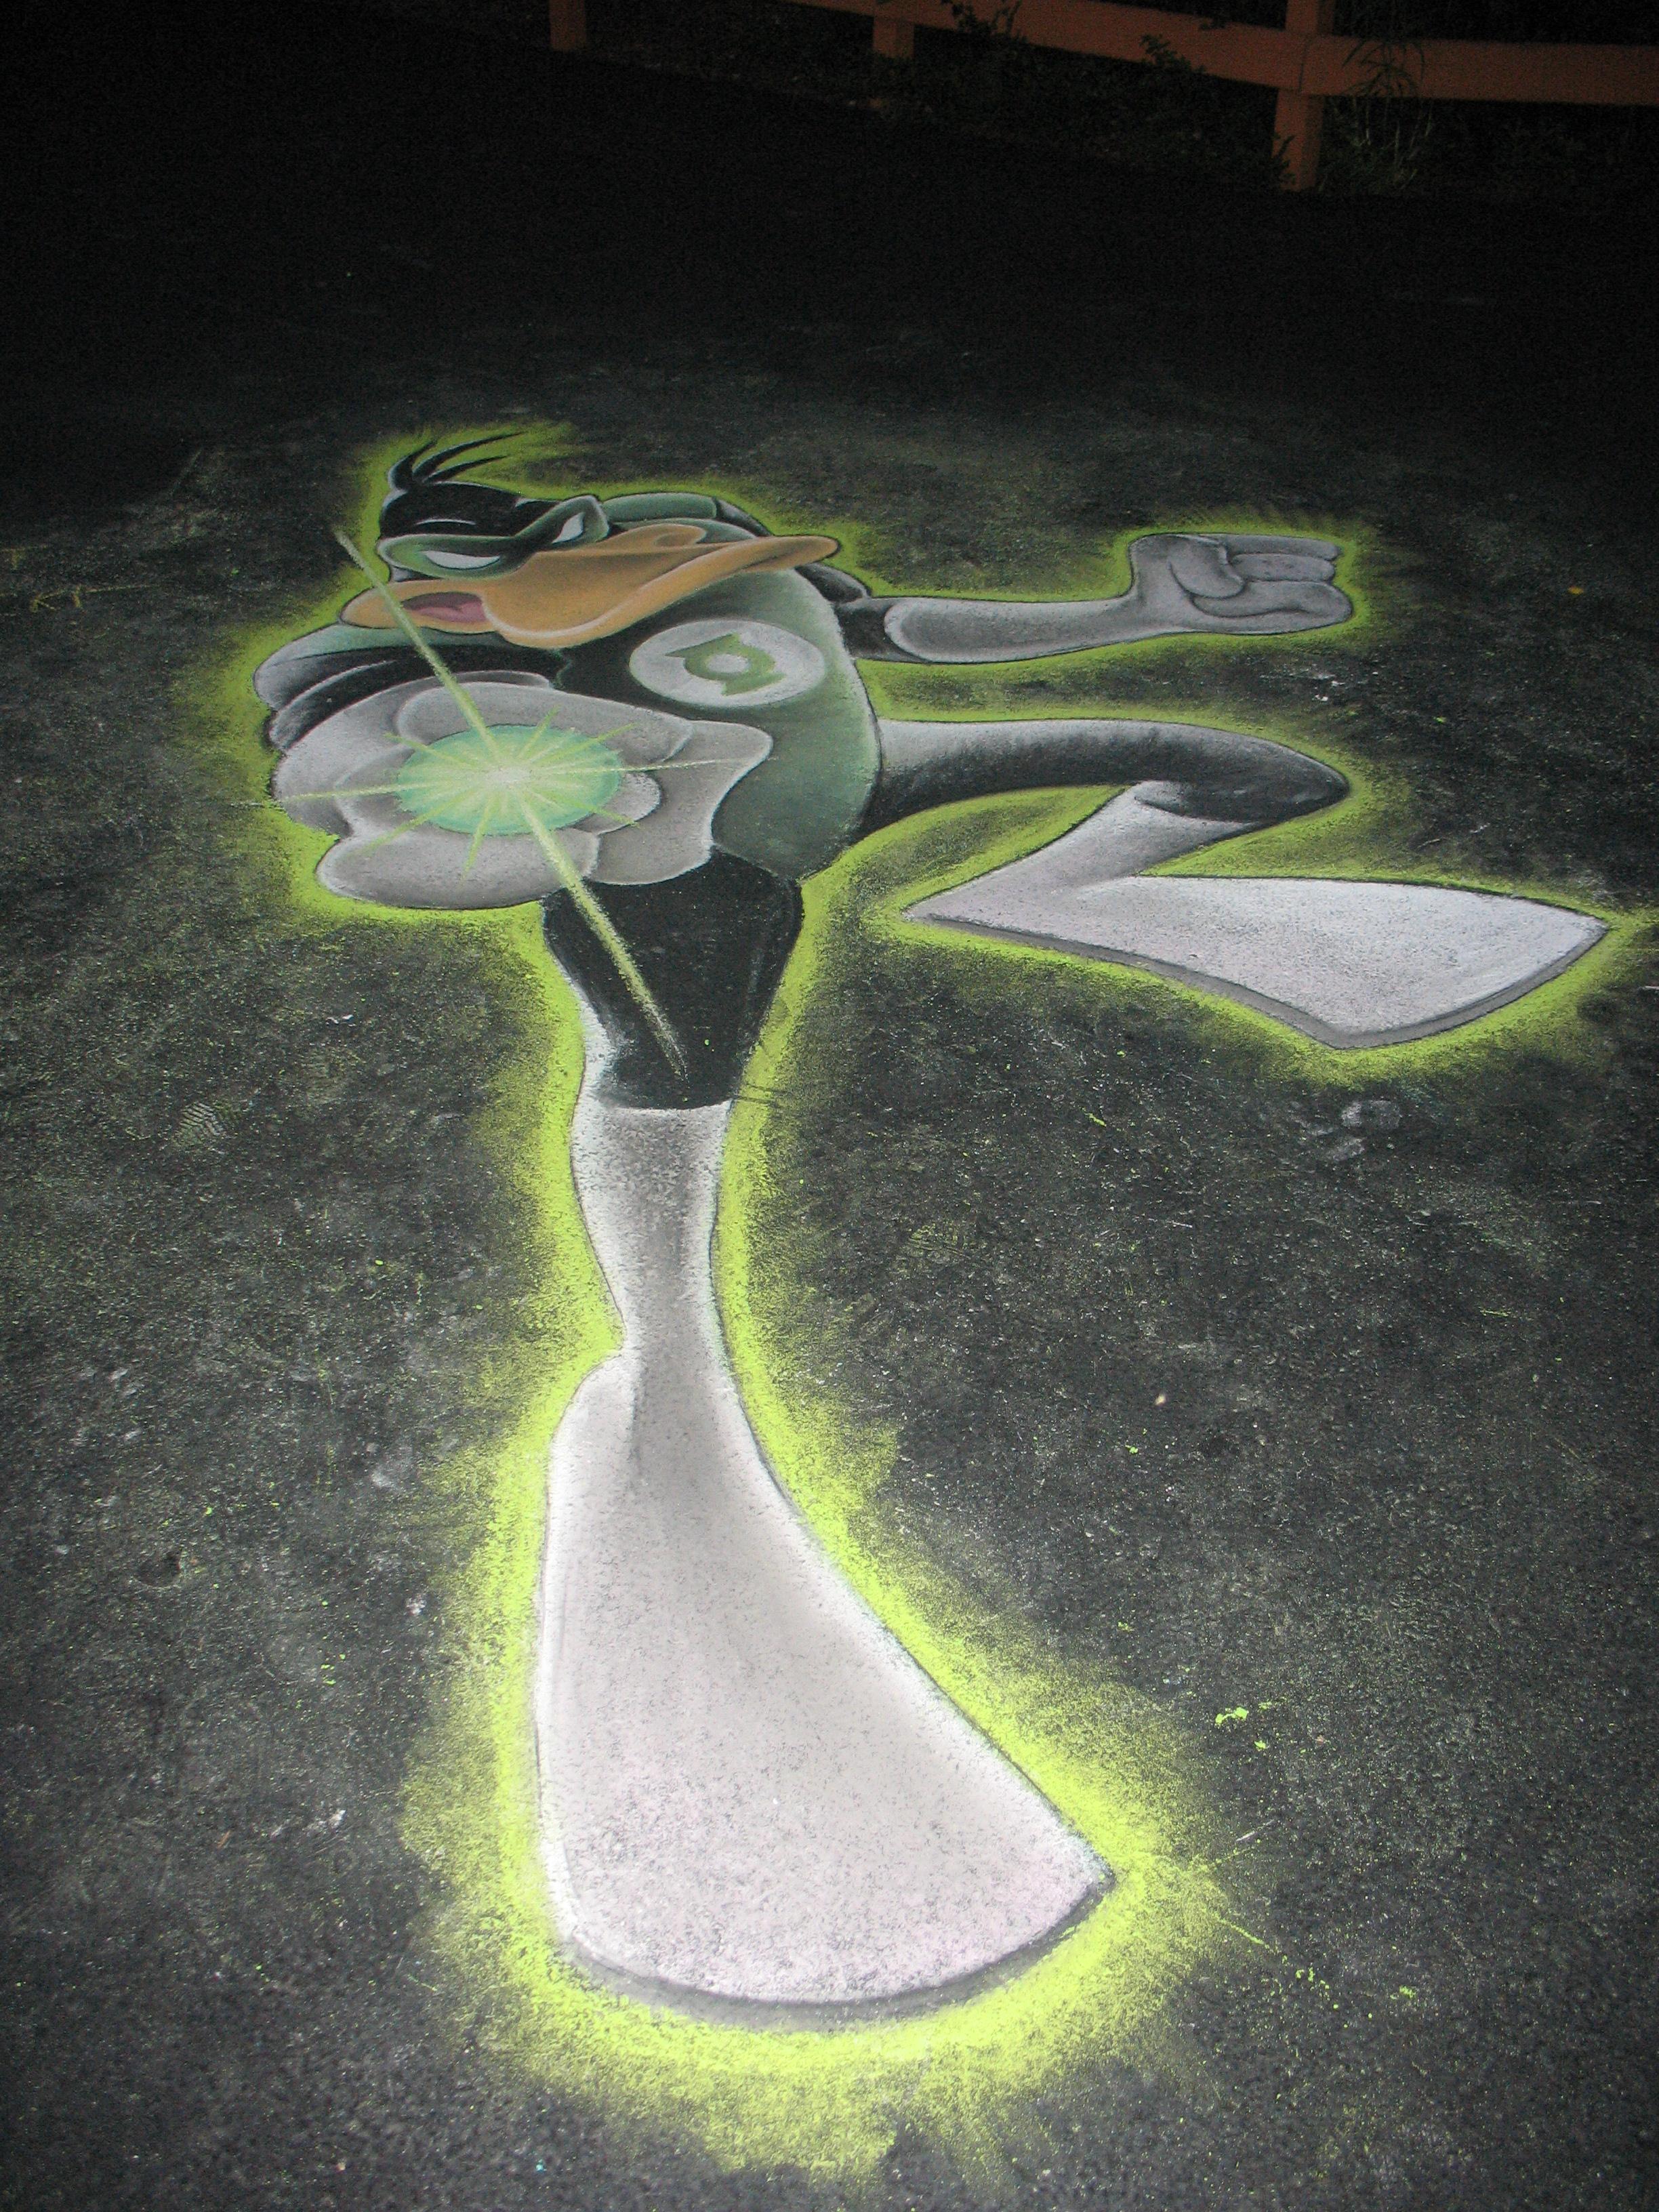 Daffy Duck as Green Lantern